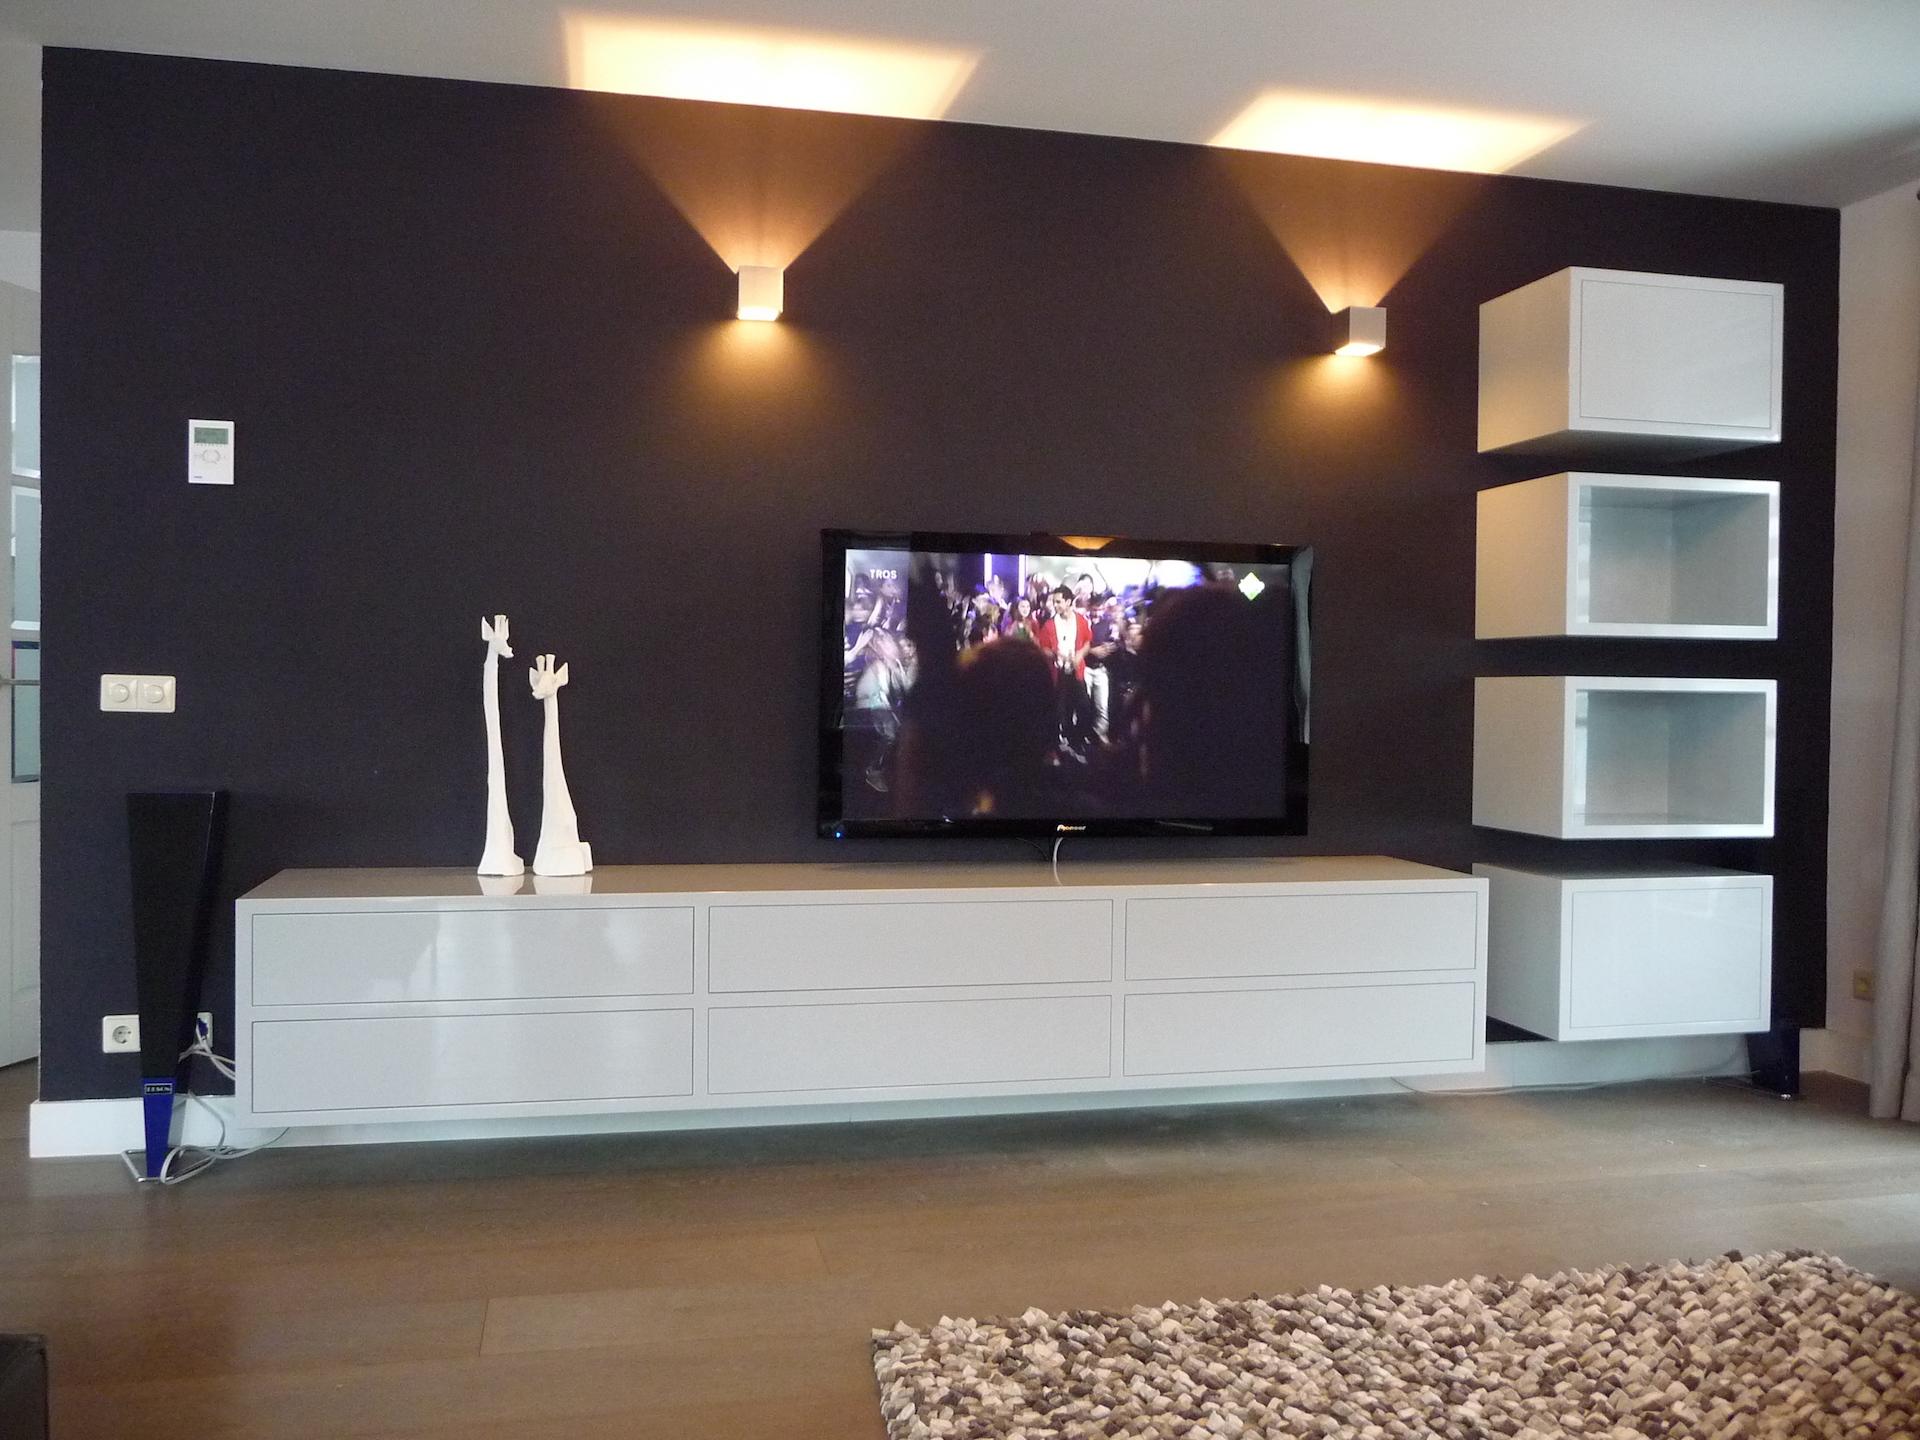 Tv kasten   eindeloosdesign